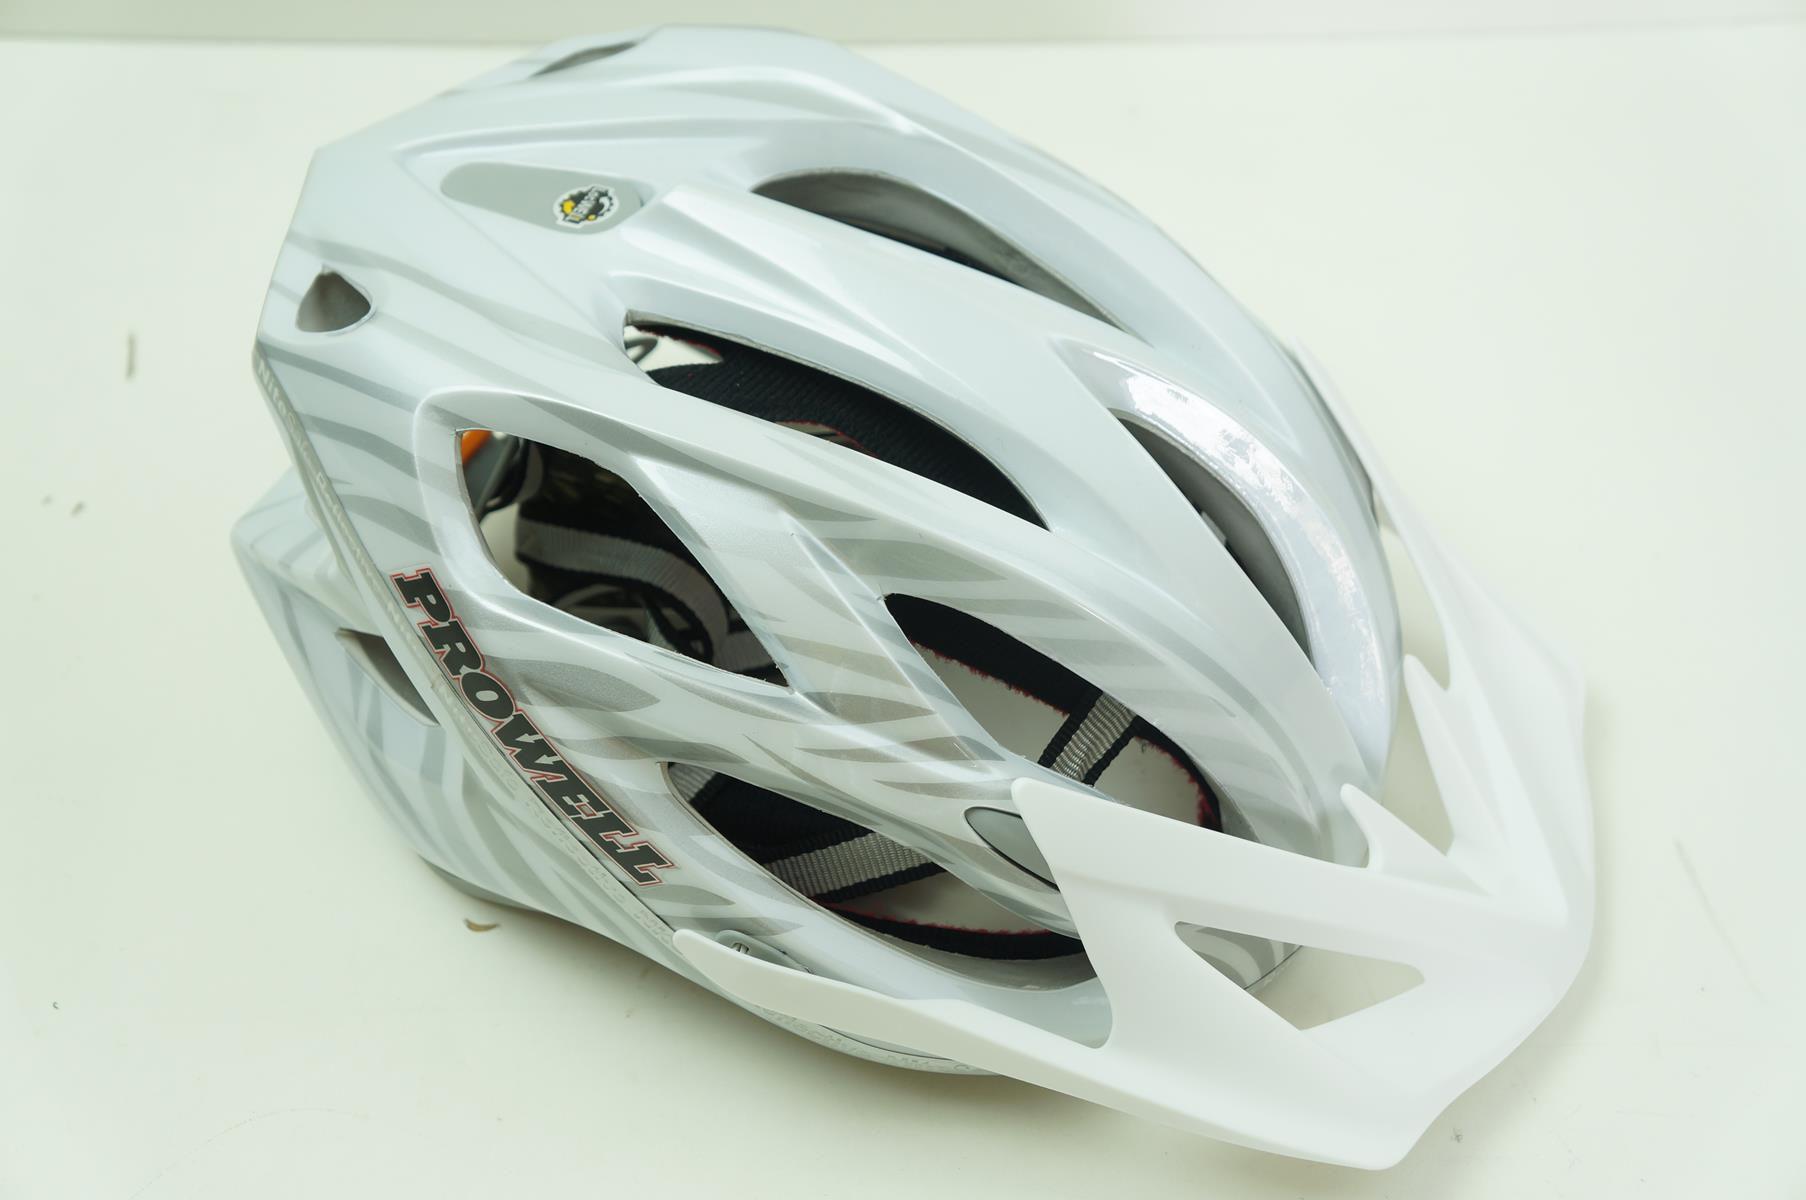 Capacete Bike Prowell F55 Cor Branco com Prata Tamanho G com Viseira